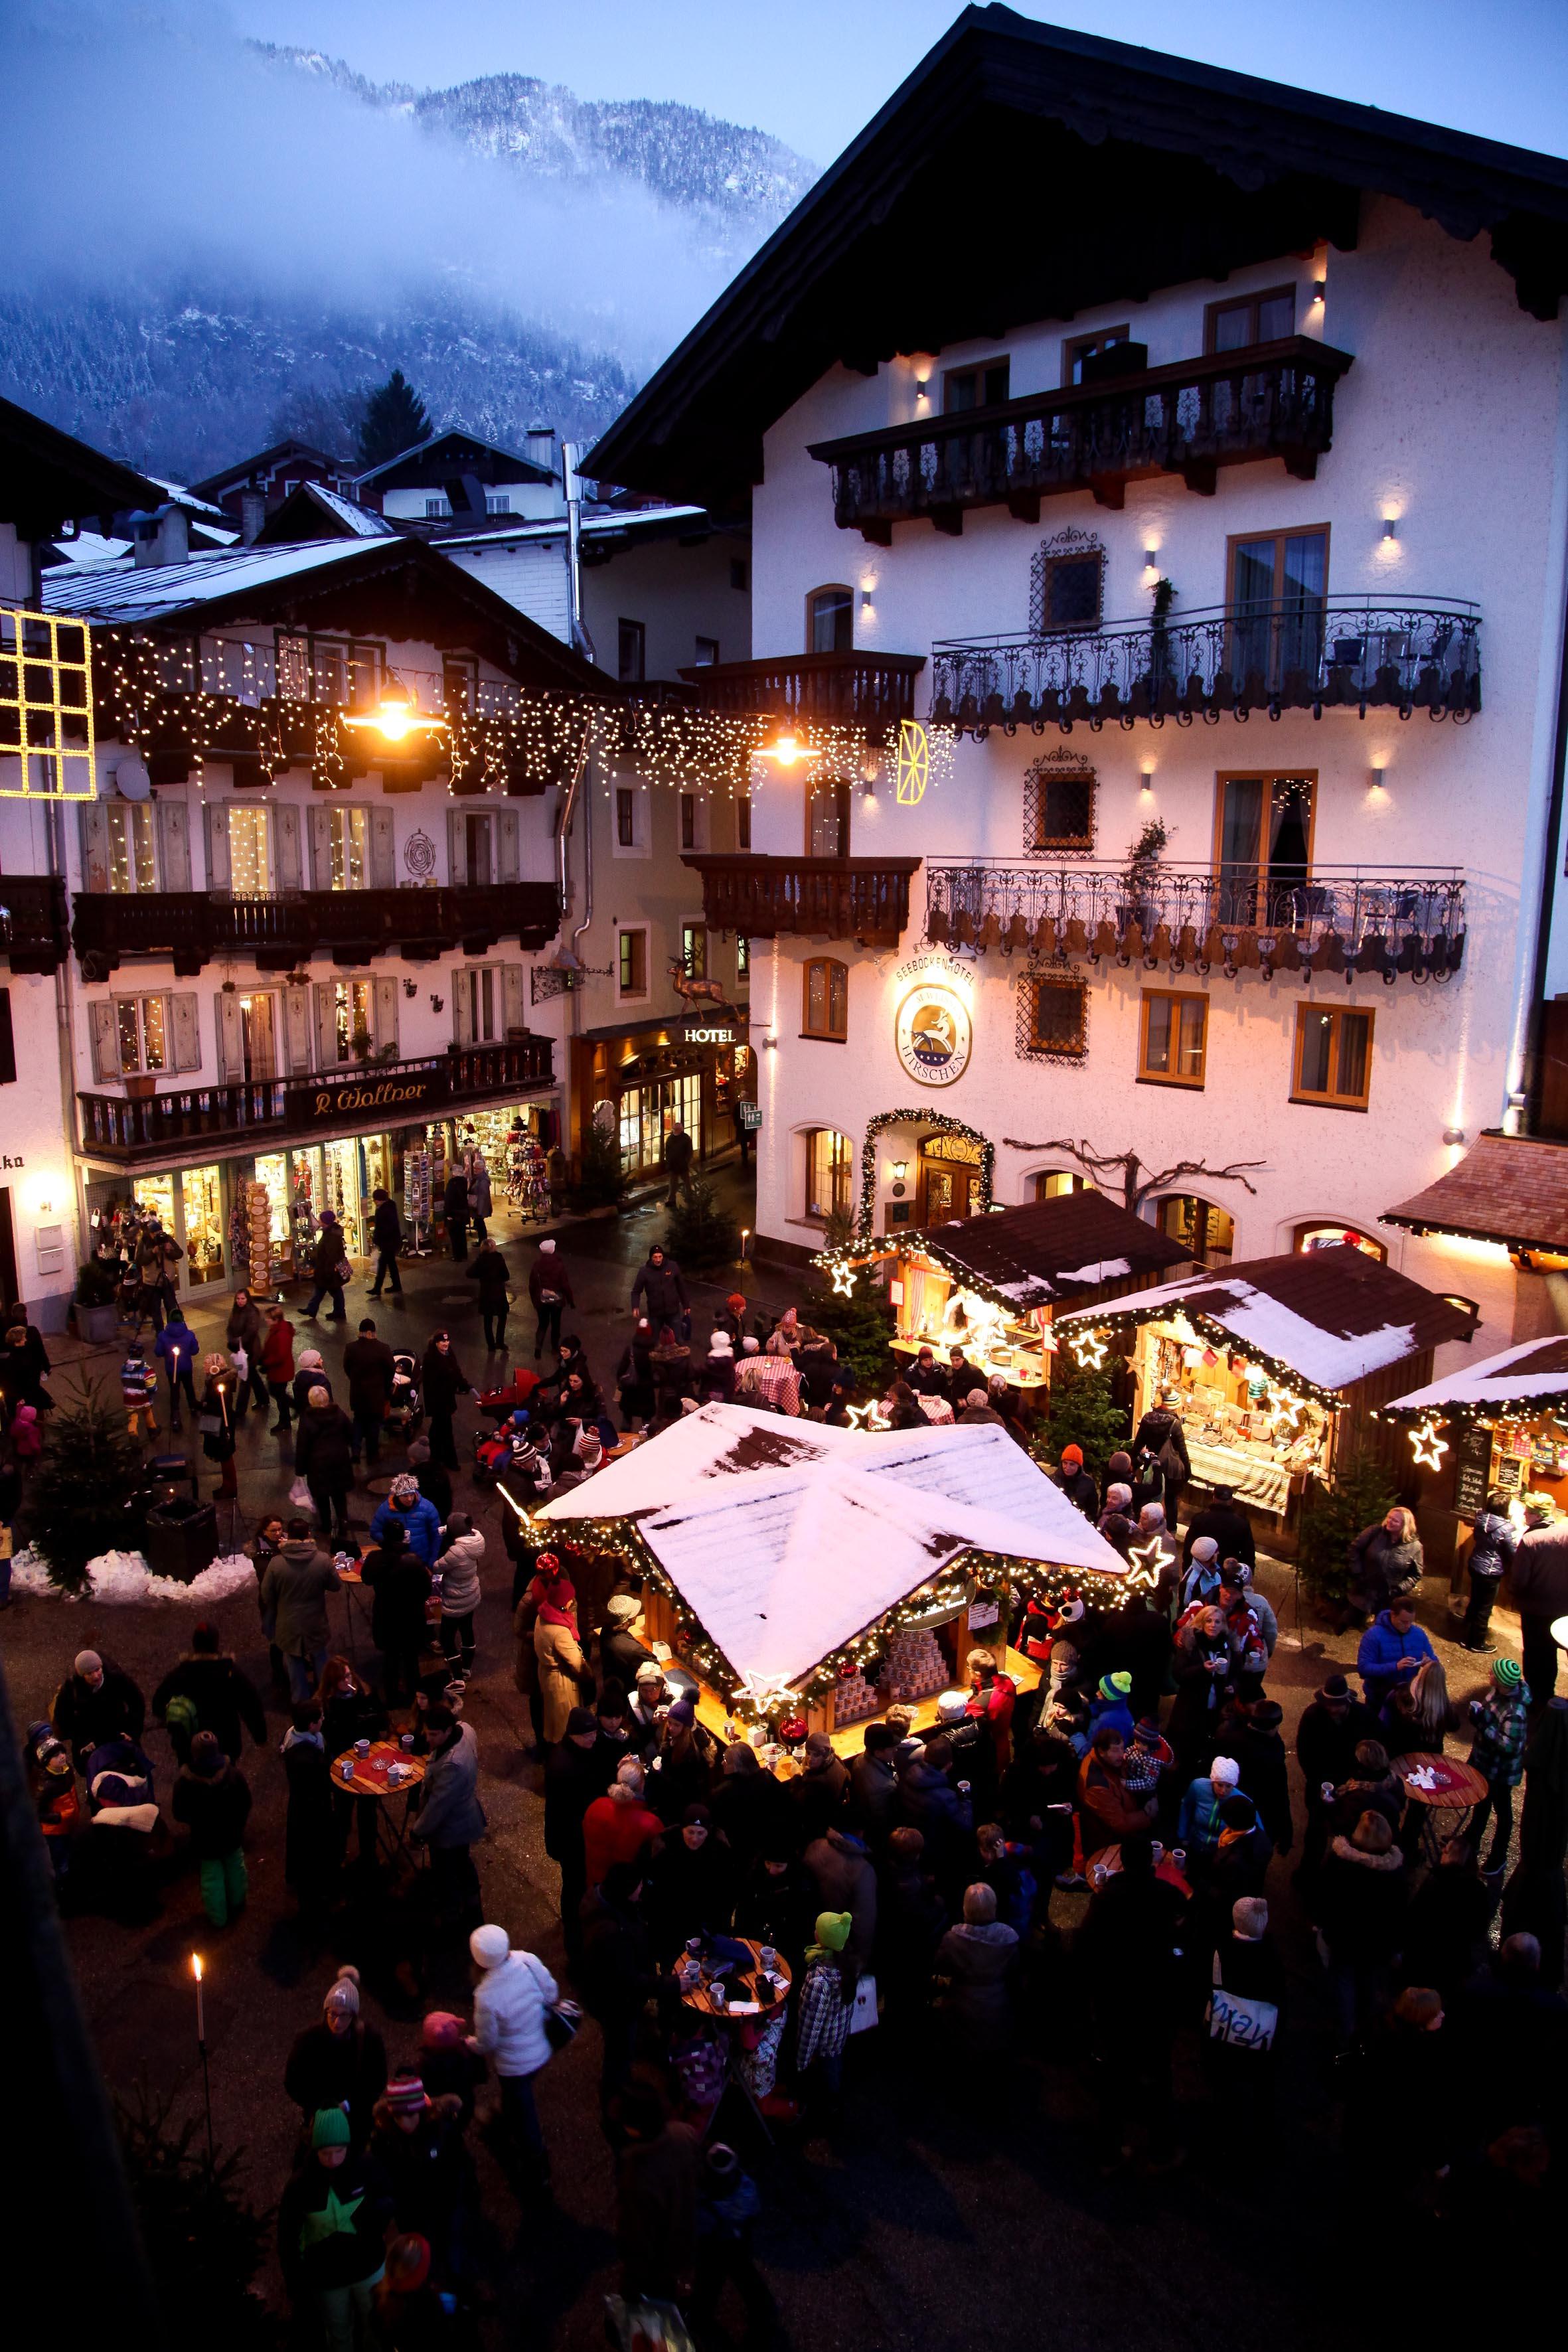 In der Adventszeit ist von Donnerstag bis Sonntag der Markt offen